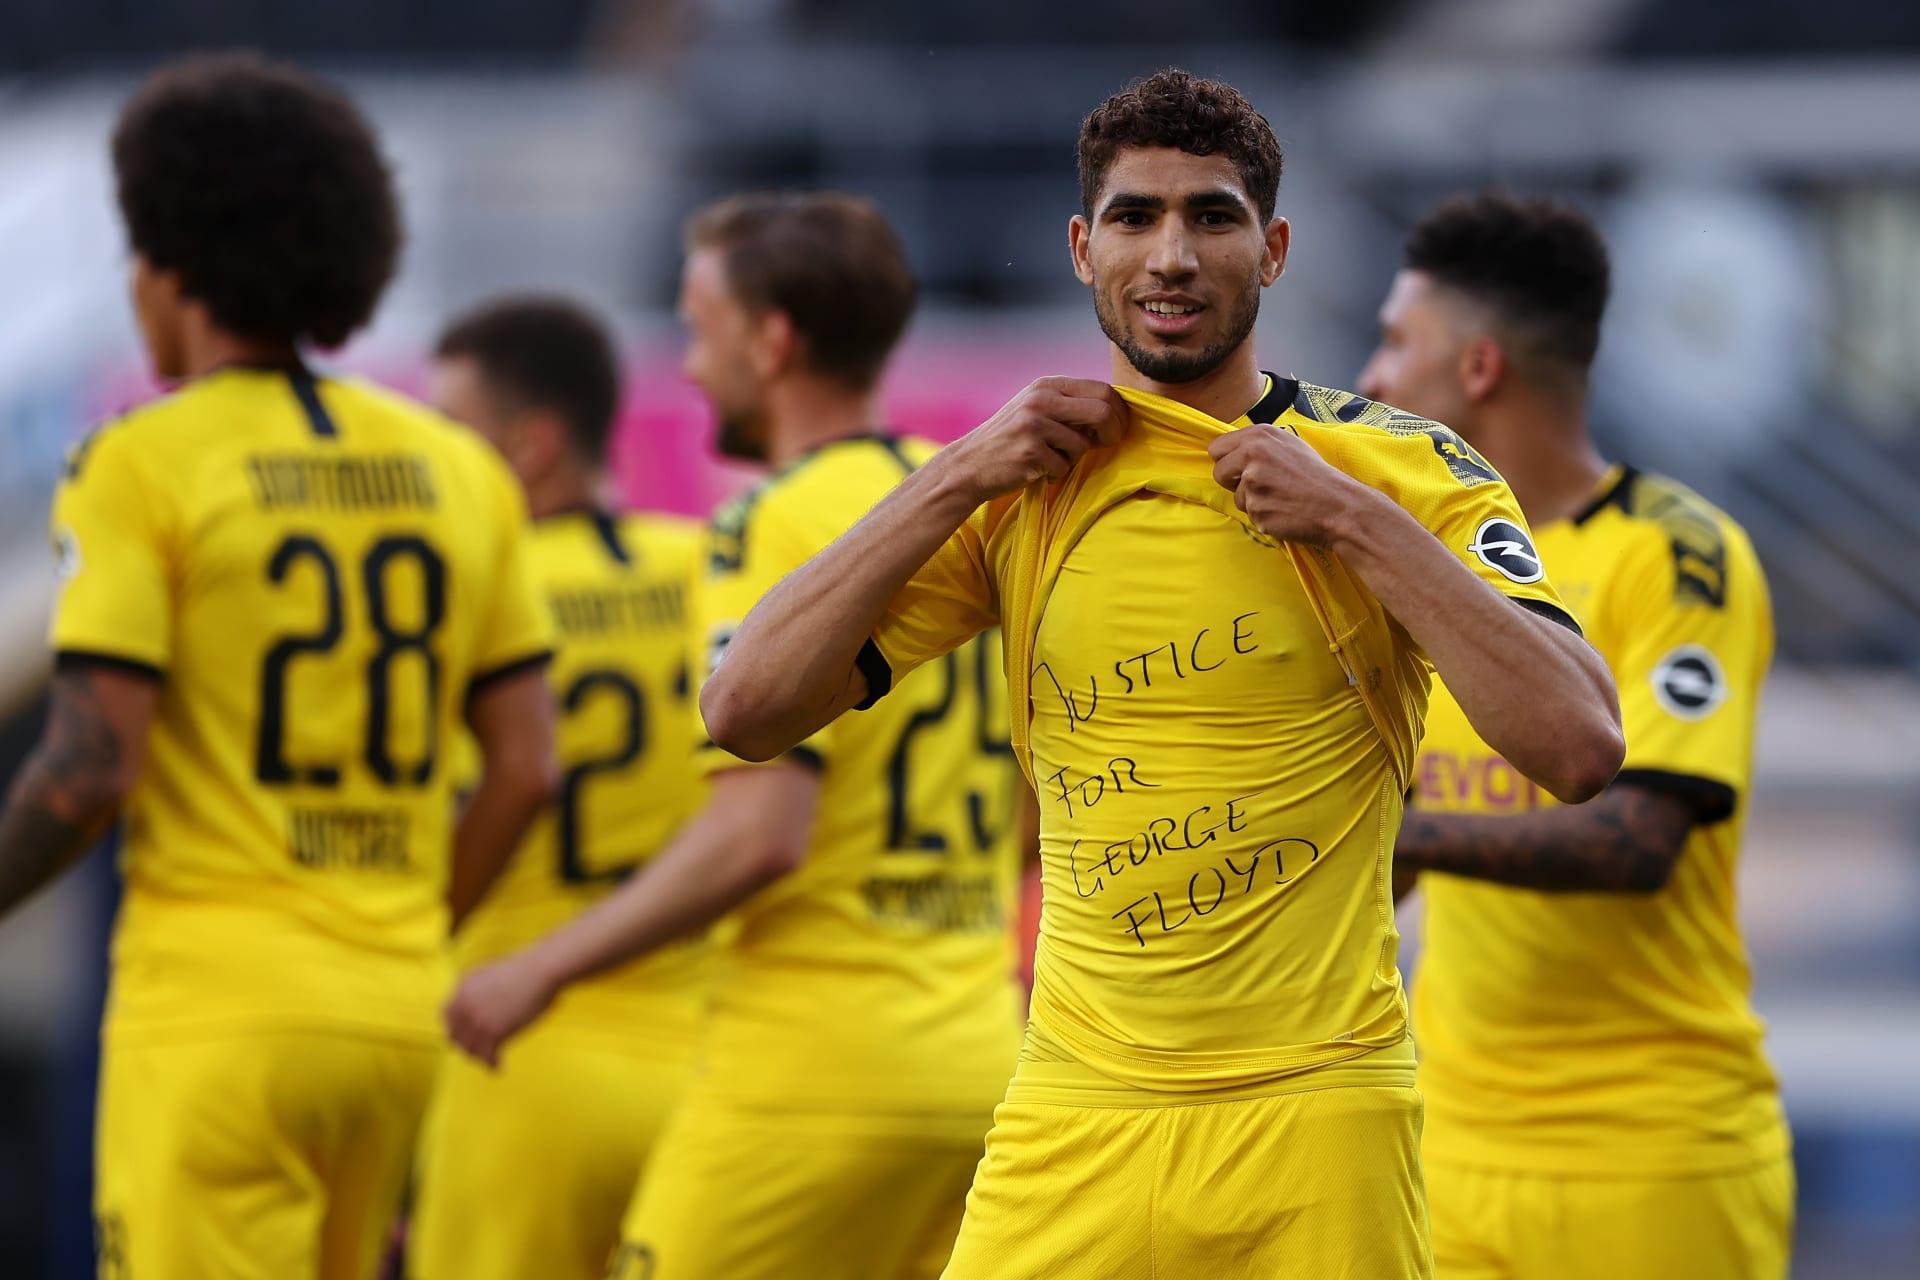 أحدهم عربي.. الاتحاد الألماني لن يفرض عقوبات على لاعبين تضامنوا مع جورج فلويد